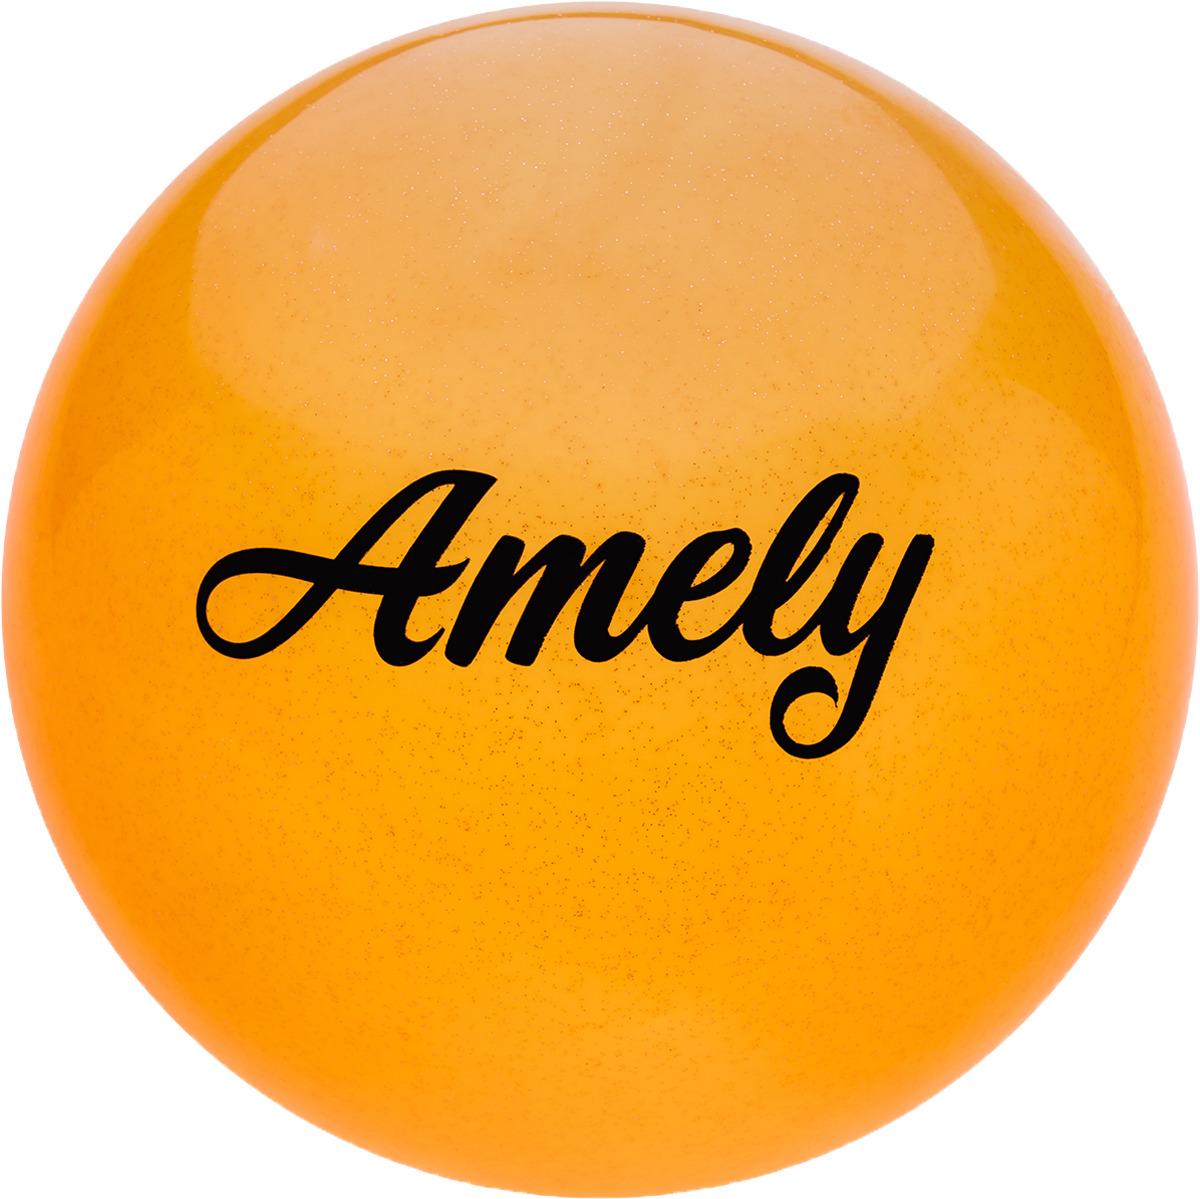 Мяч для художественной гимнастики Amely AGR-102, диаметр 19 см, цвет: оранжевый с блестками лента для художественной гимнастики amely agr 201 длина 6 м с палочкой 56 см цвет фиолетовый